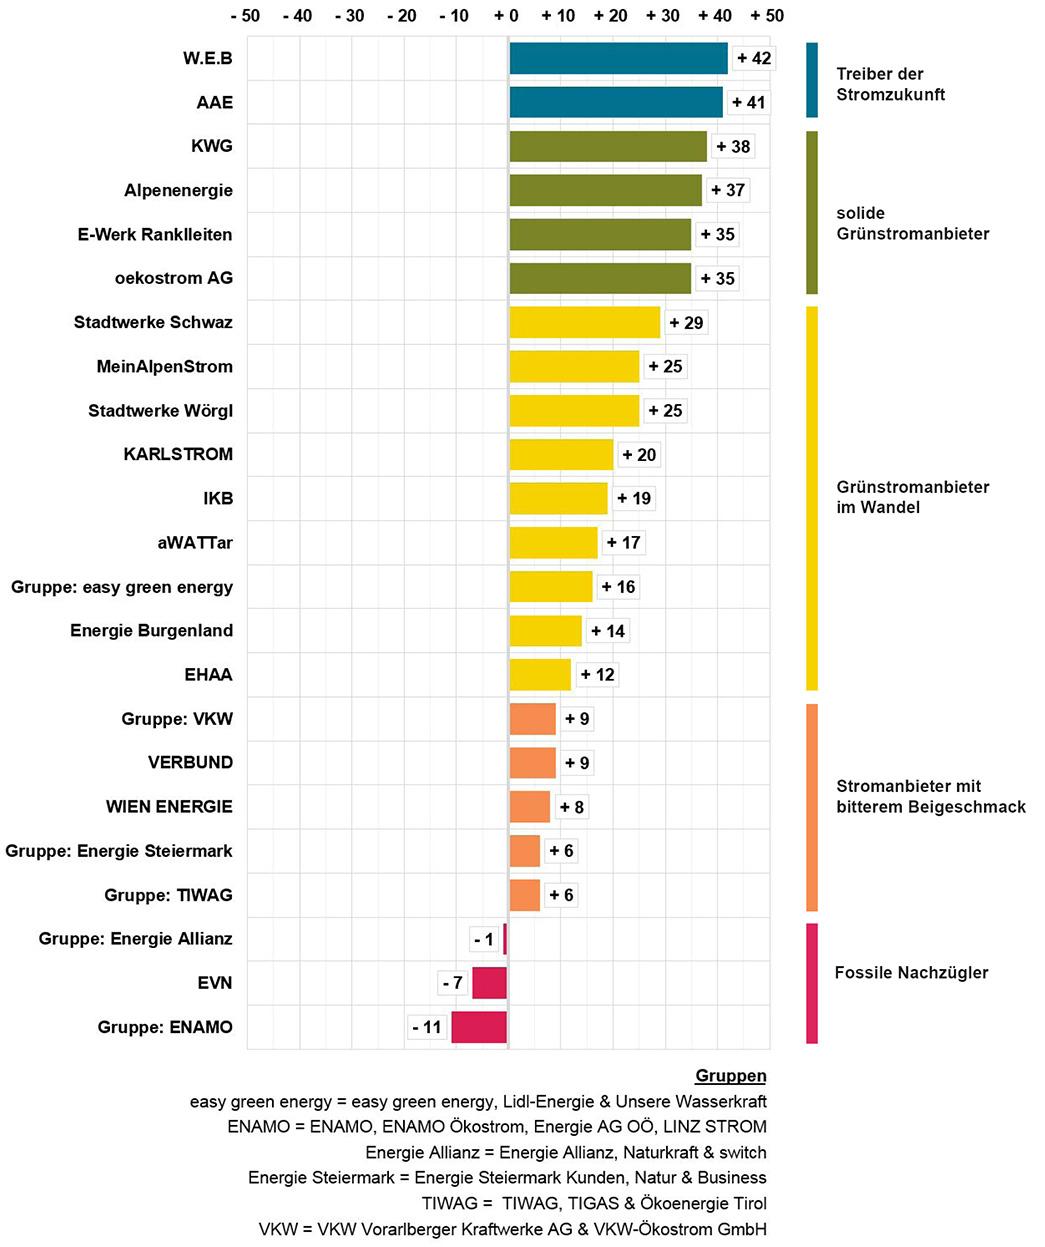 Ranking des Stromanbieter-Check 2018